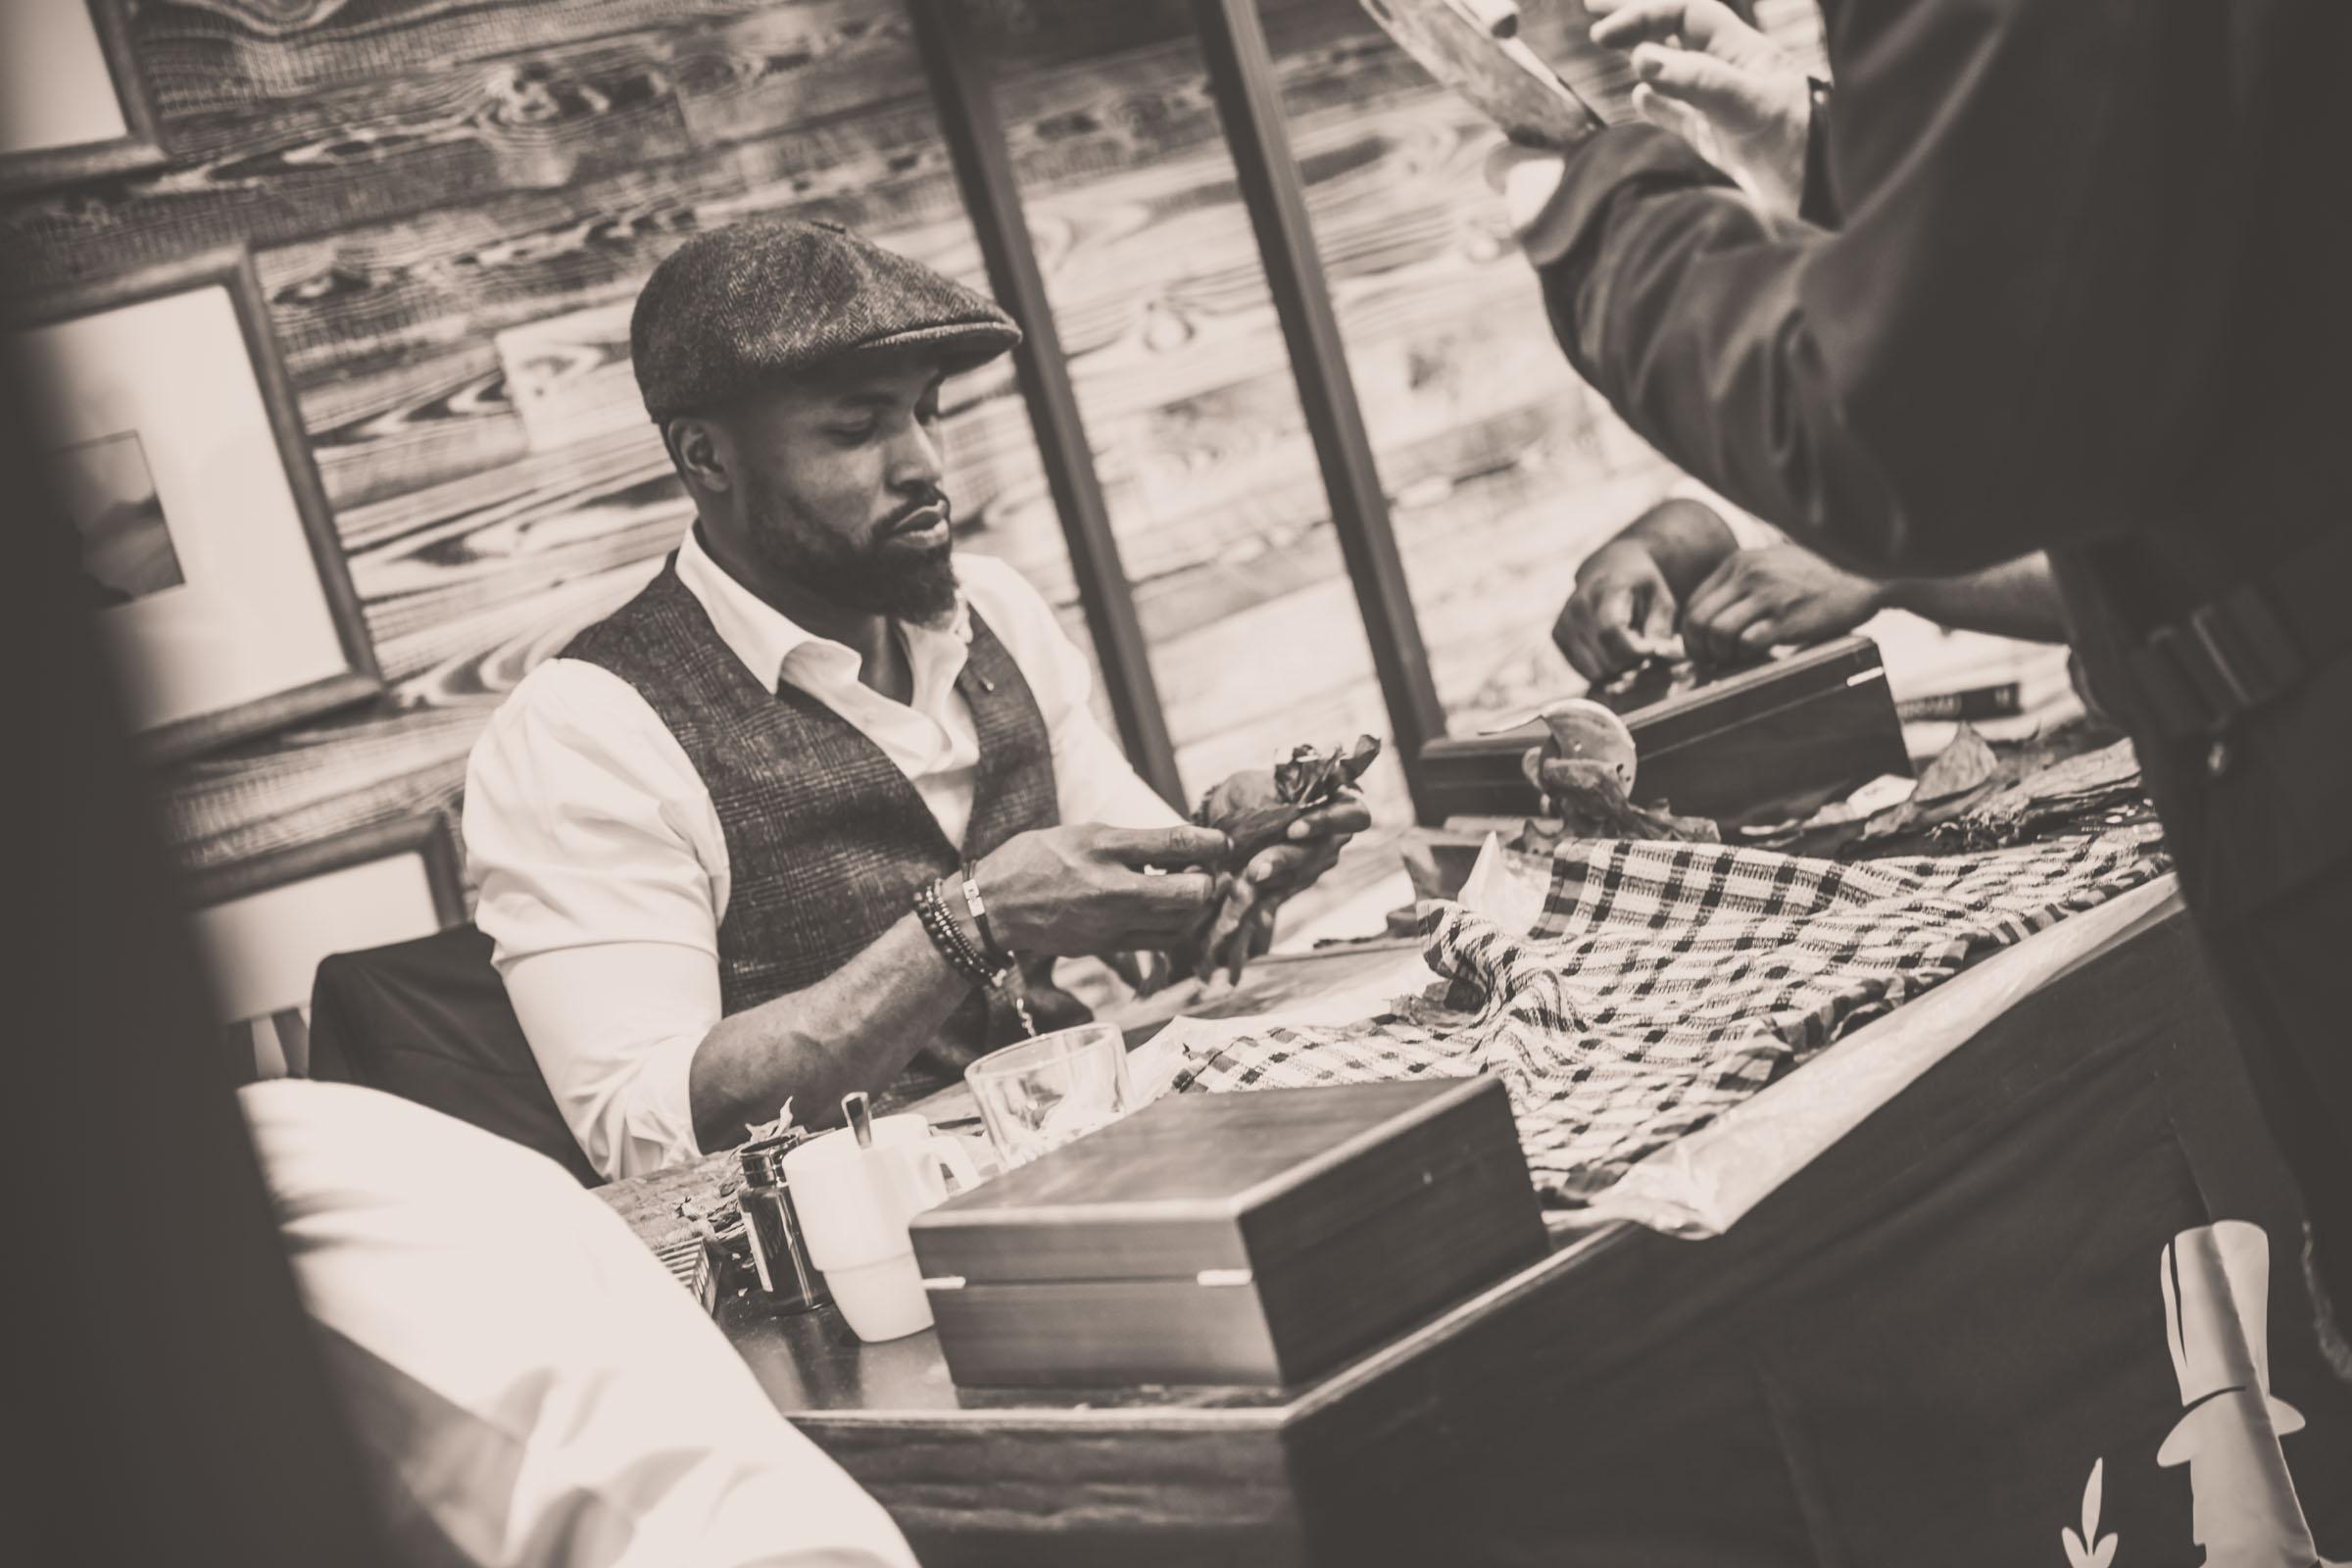 Zigarrenroller - Zigarrendreher | Zigarrenherstellung | Hochzeit | Messen | Gala |Event | Buchen | Mieten | Anfragen